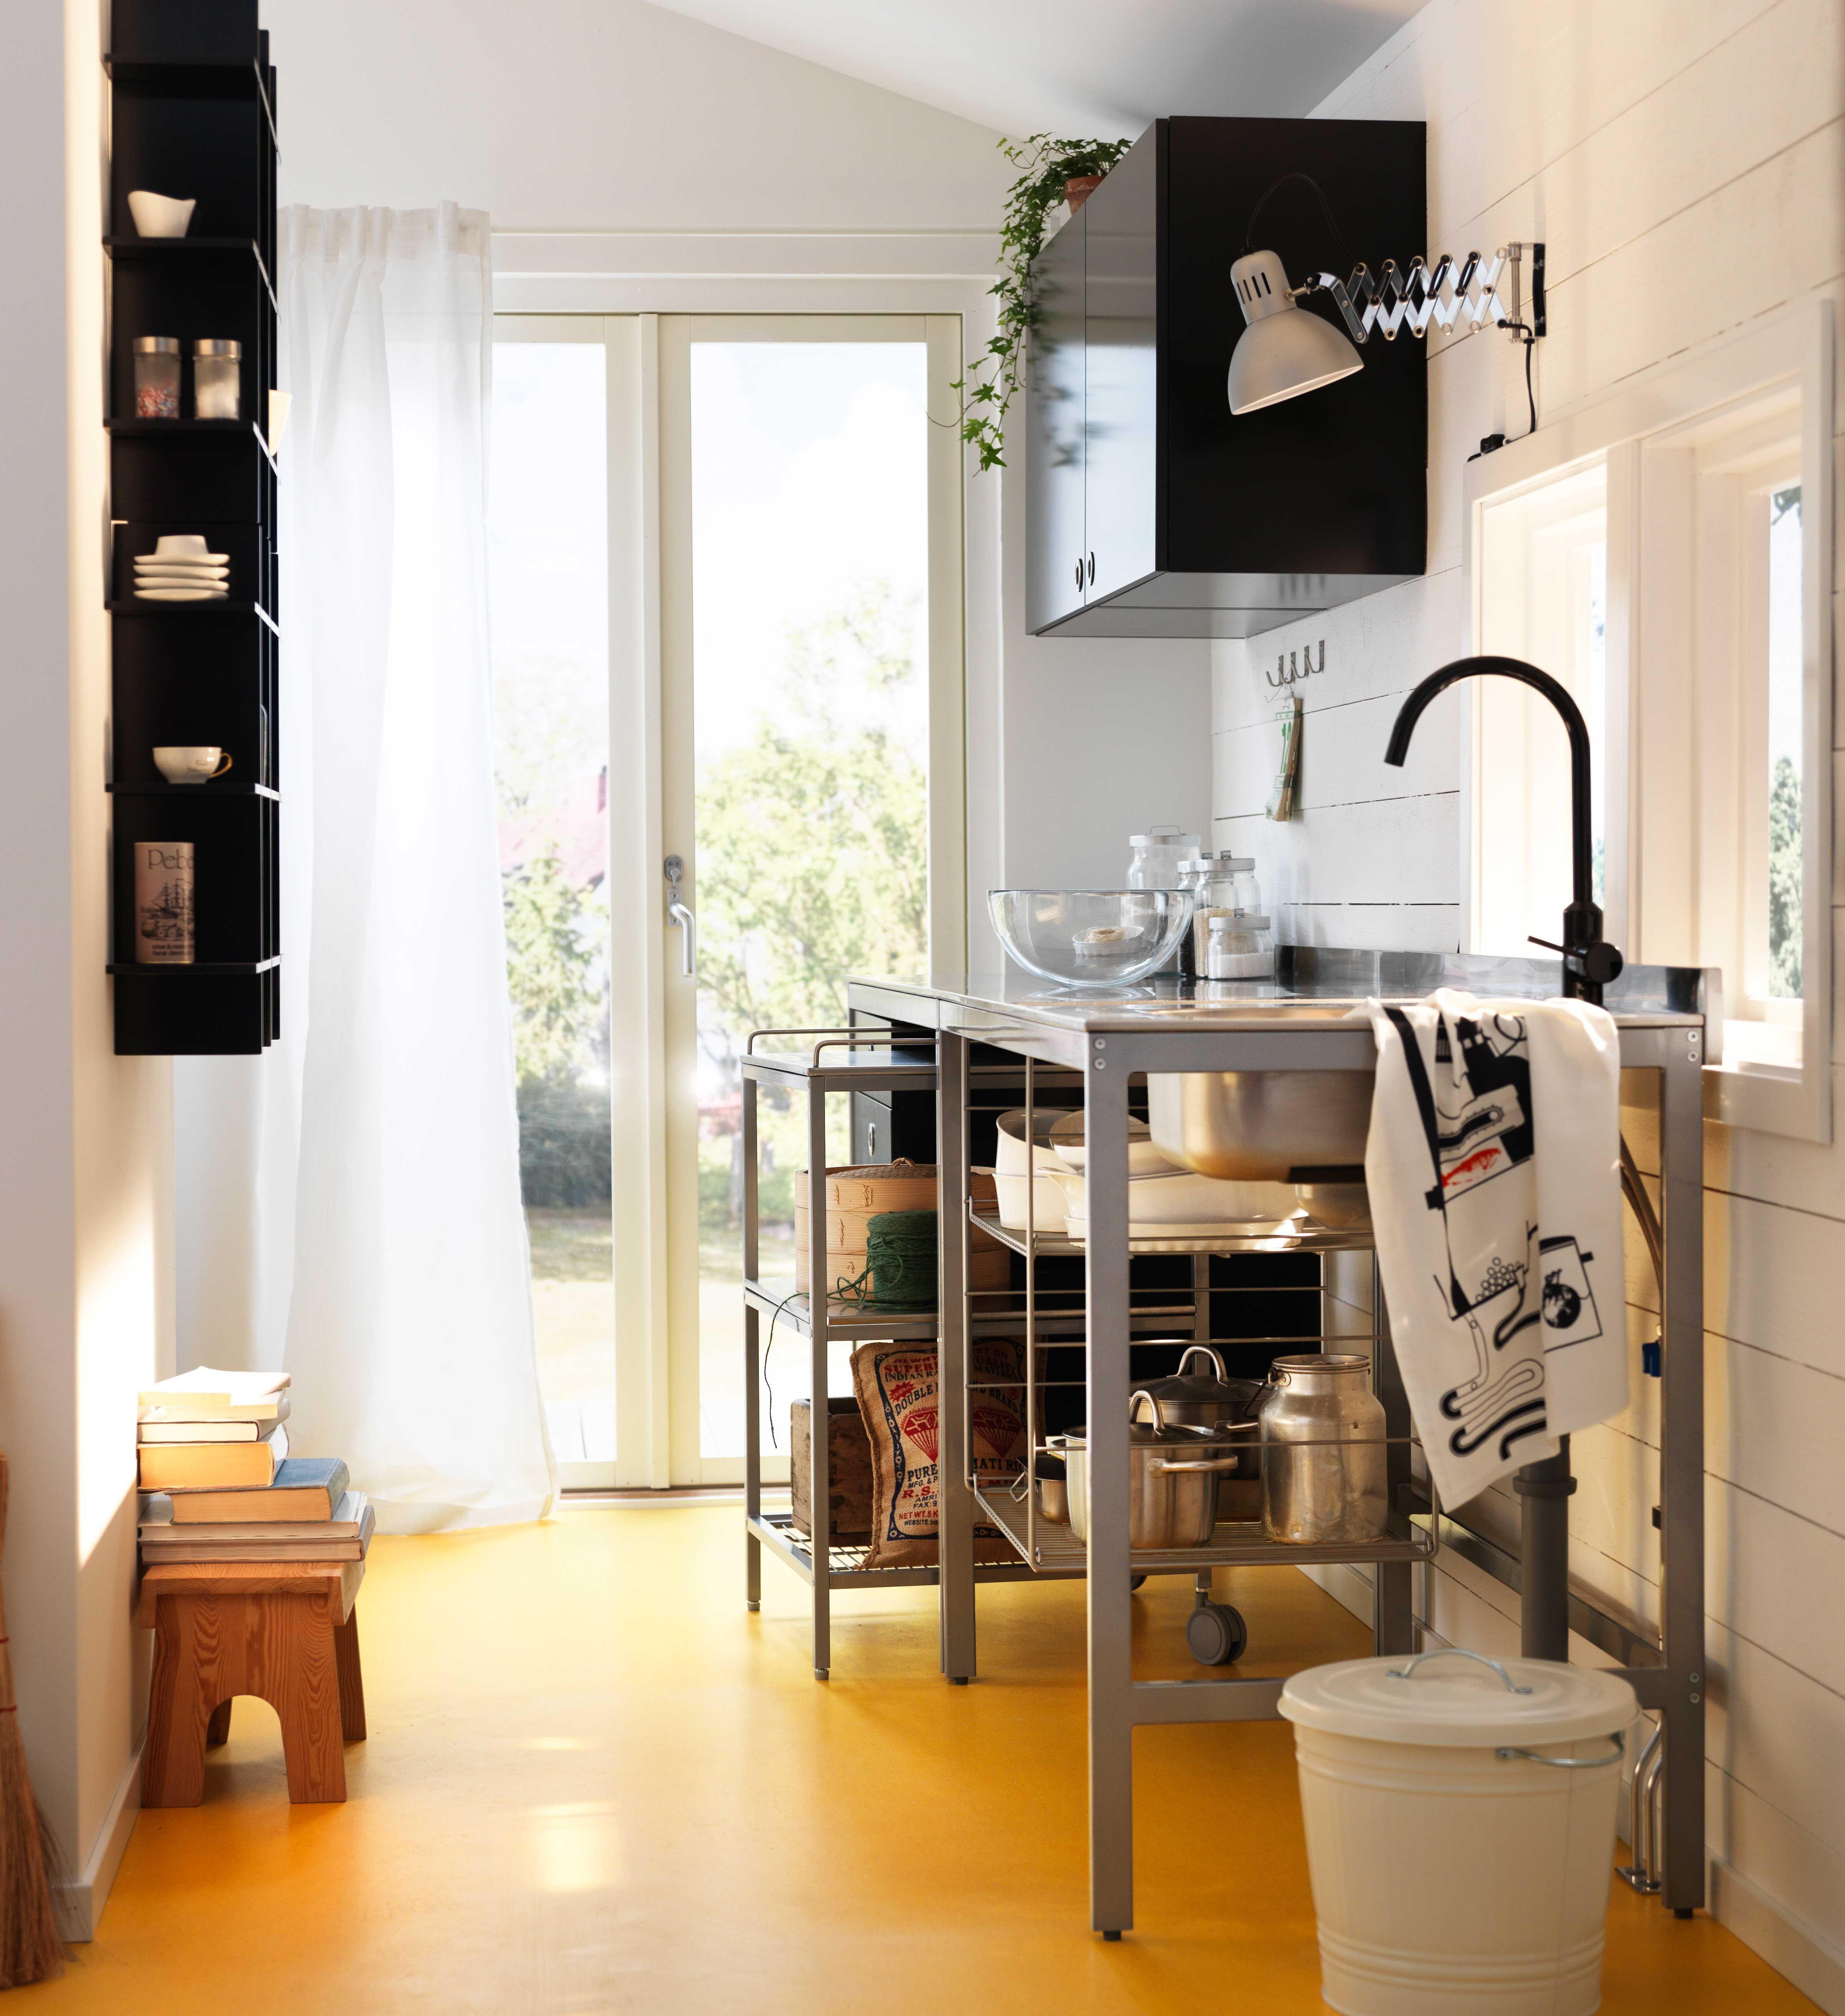 k chenm bel k chenger te g nstig kaufen in 2019. Black Bedroom Furniture Sets. Home Design Ideas